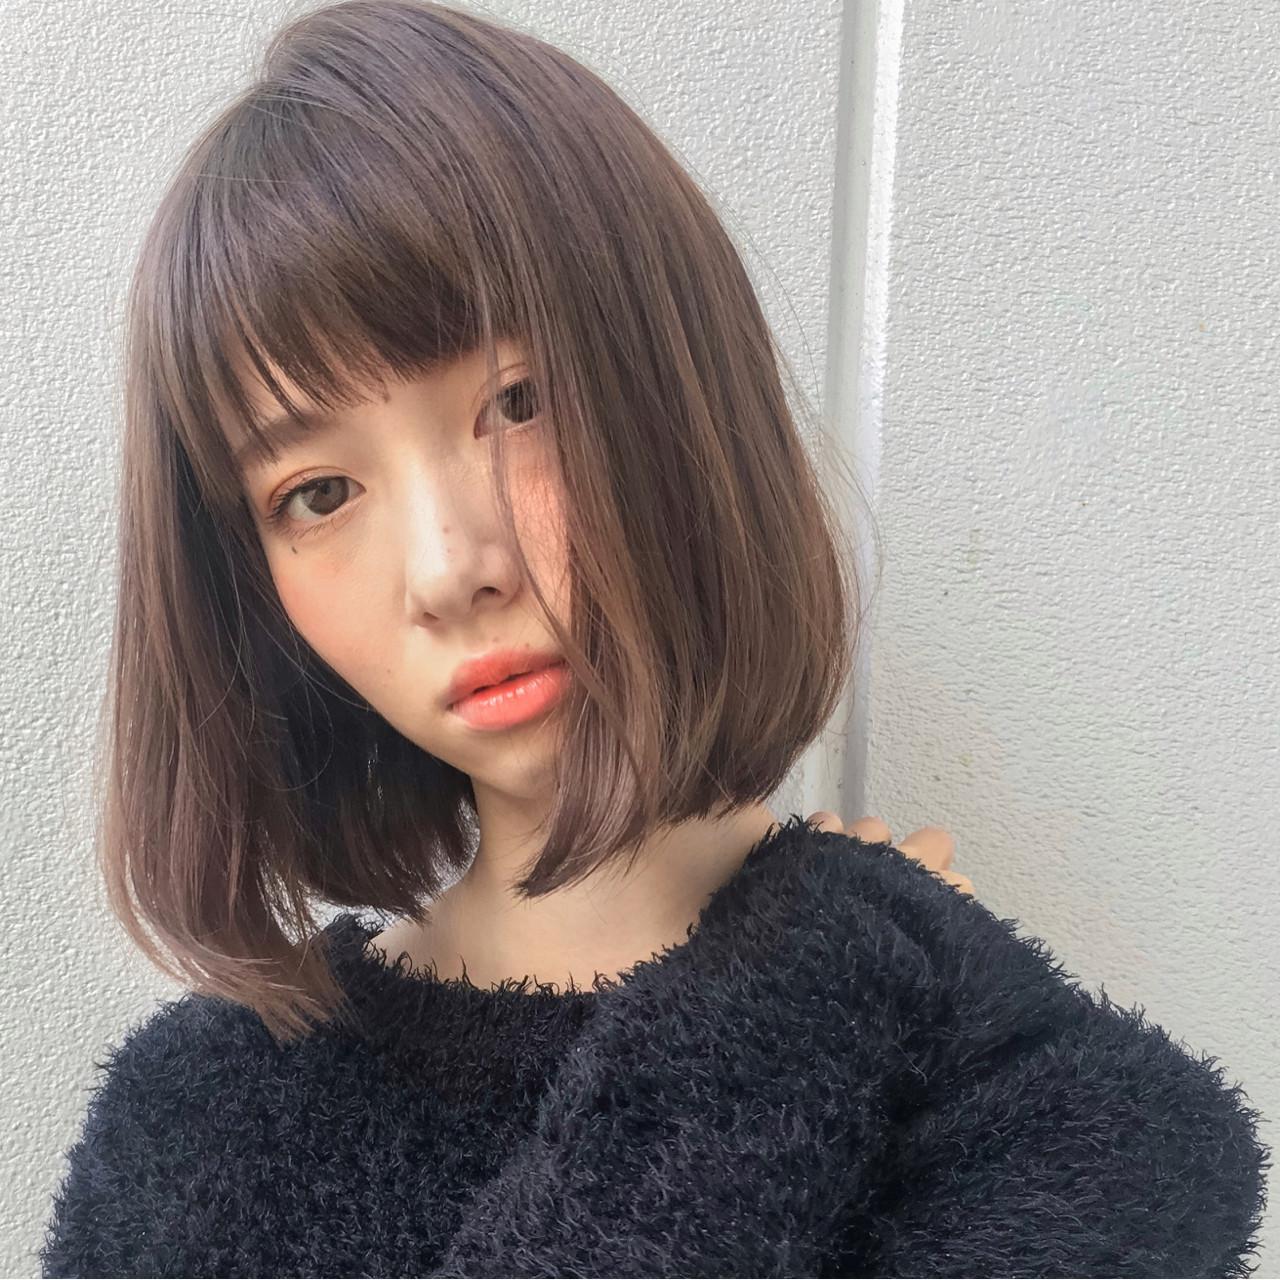 髪型に迷ったら、こなれ黒髪に挑戦!厳選10スタイルをご紹介♡ GARDEN harajyuku 細田  GARDEN harajyuku